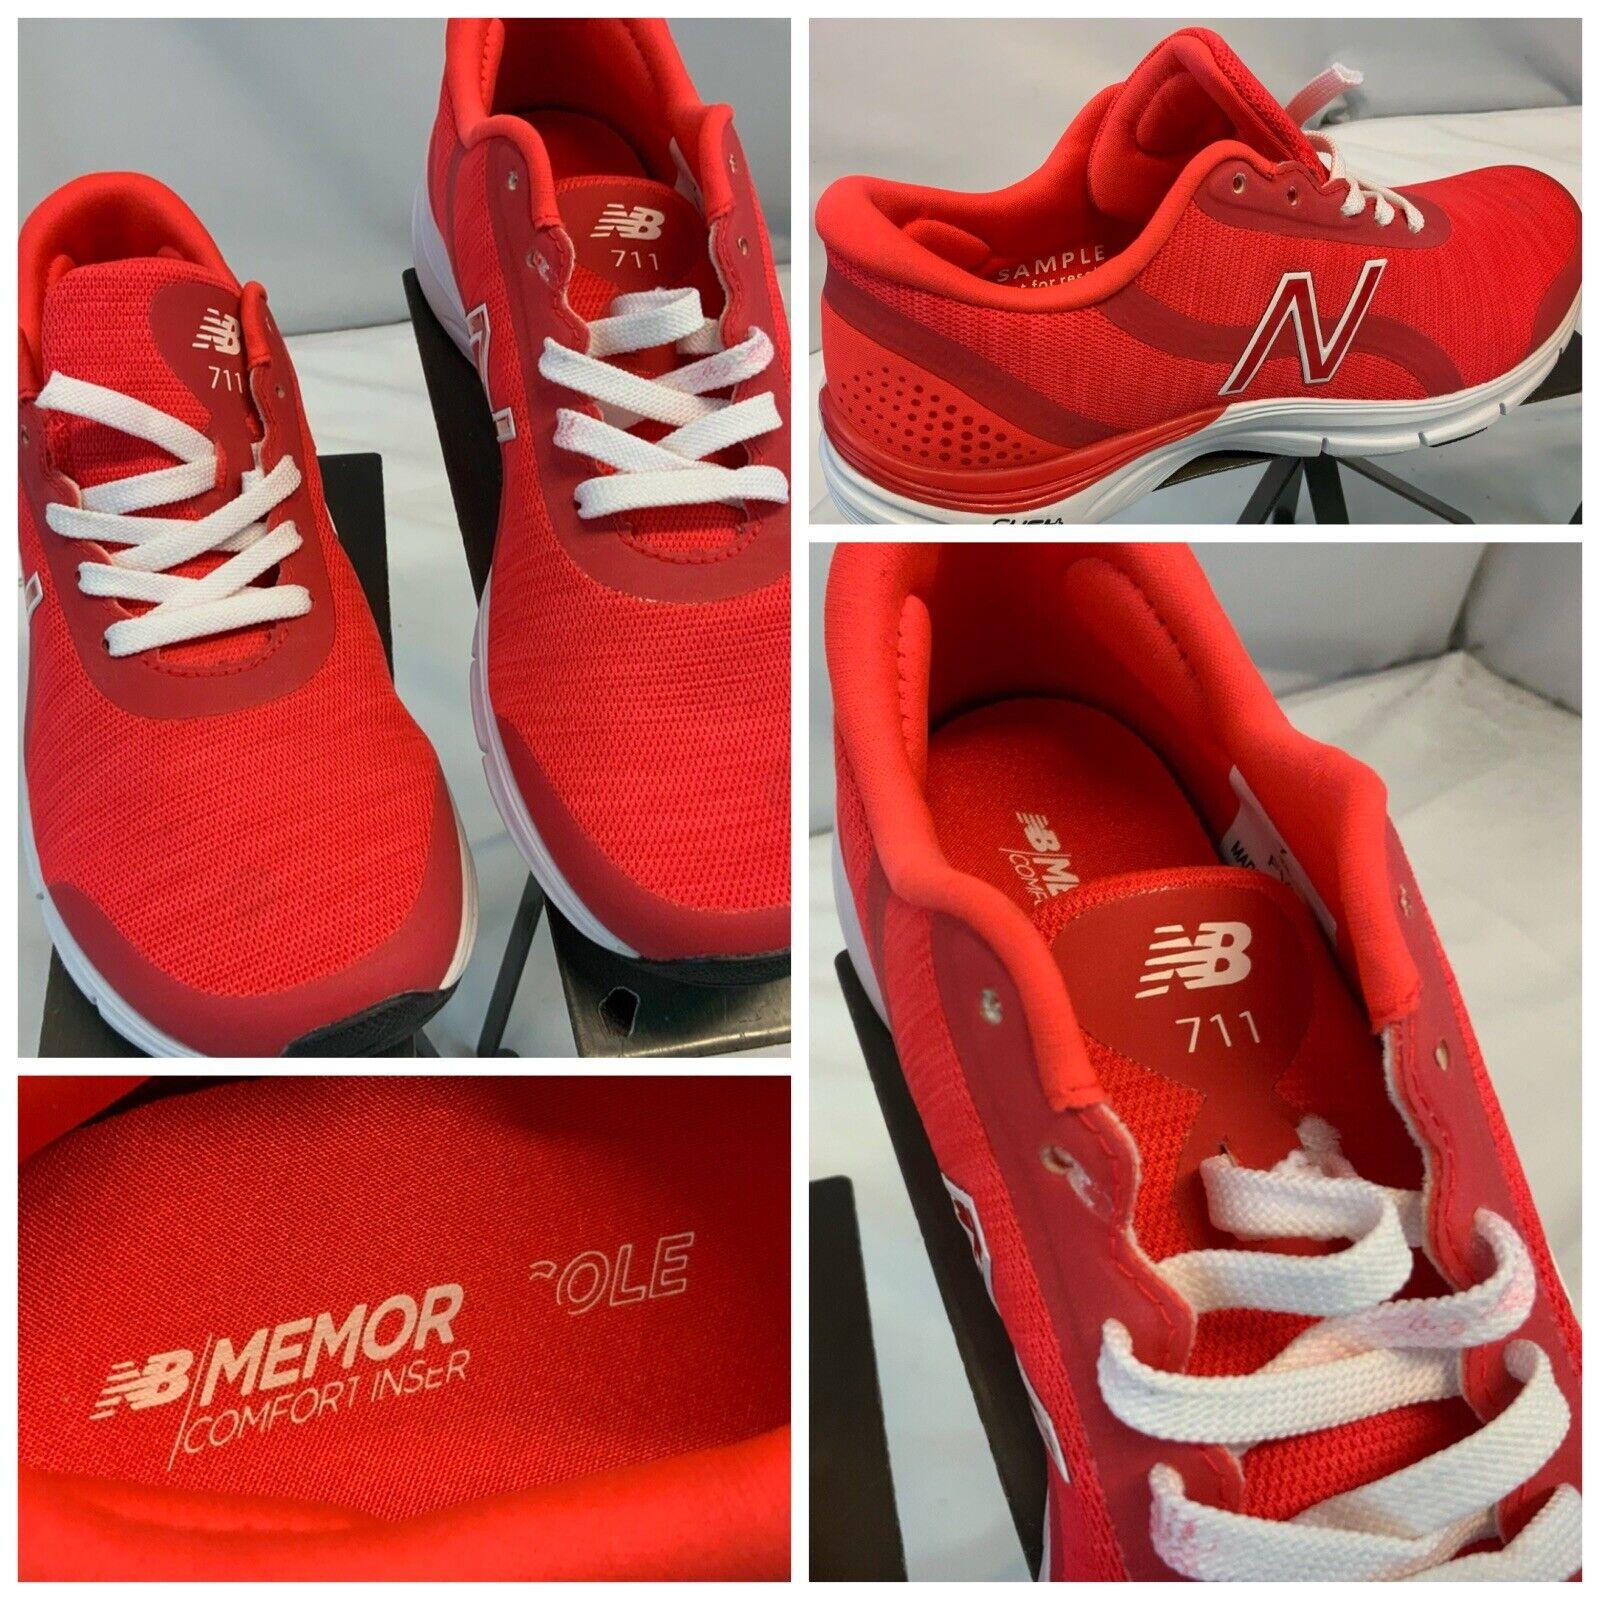 New Balance 711 Sz 7 Femmes Rouge Chaussures De Course RARE échantillon neuf sans boîte ygi H1S-104